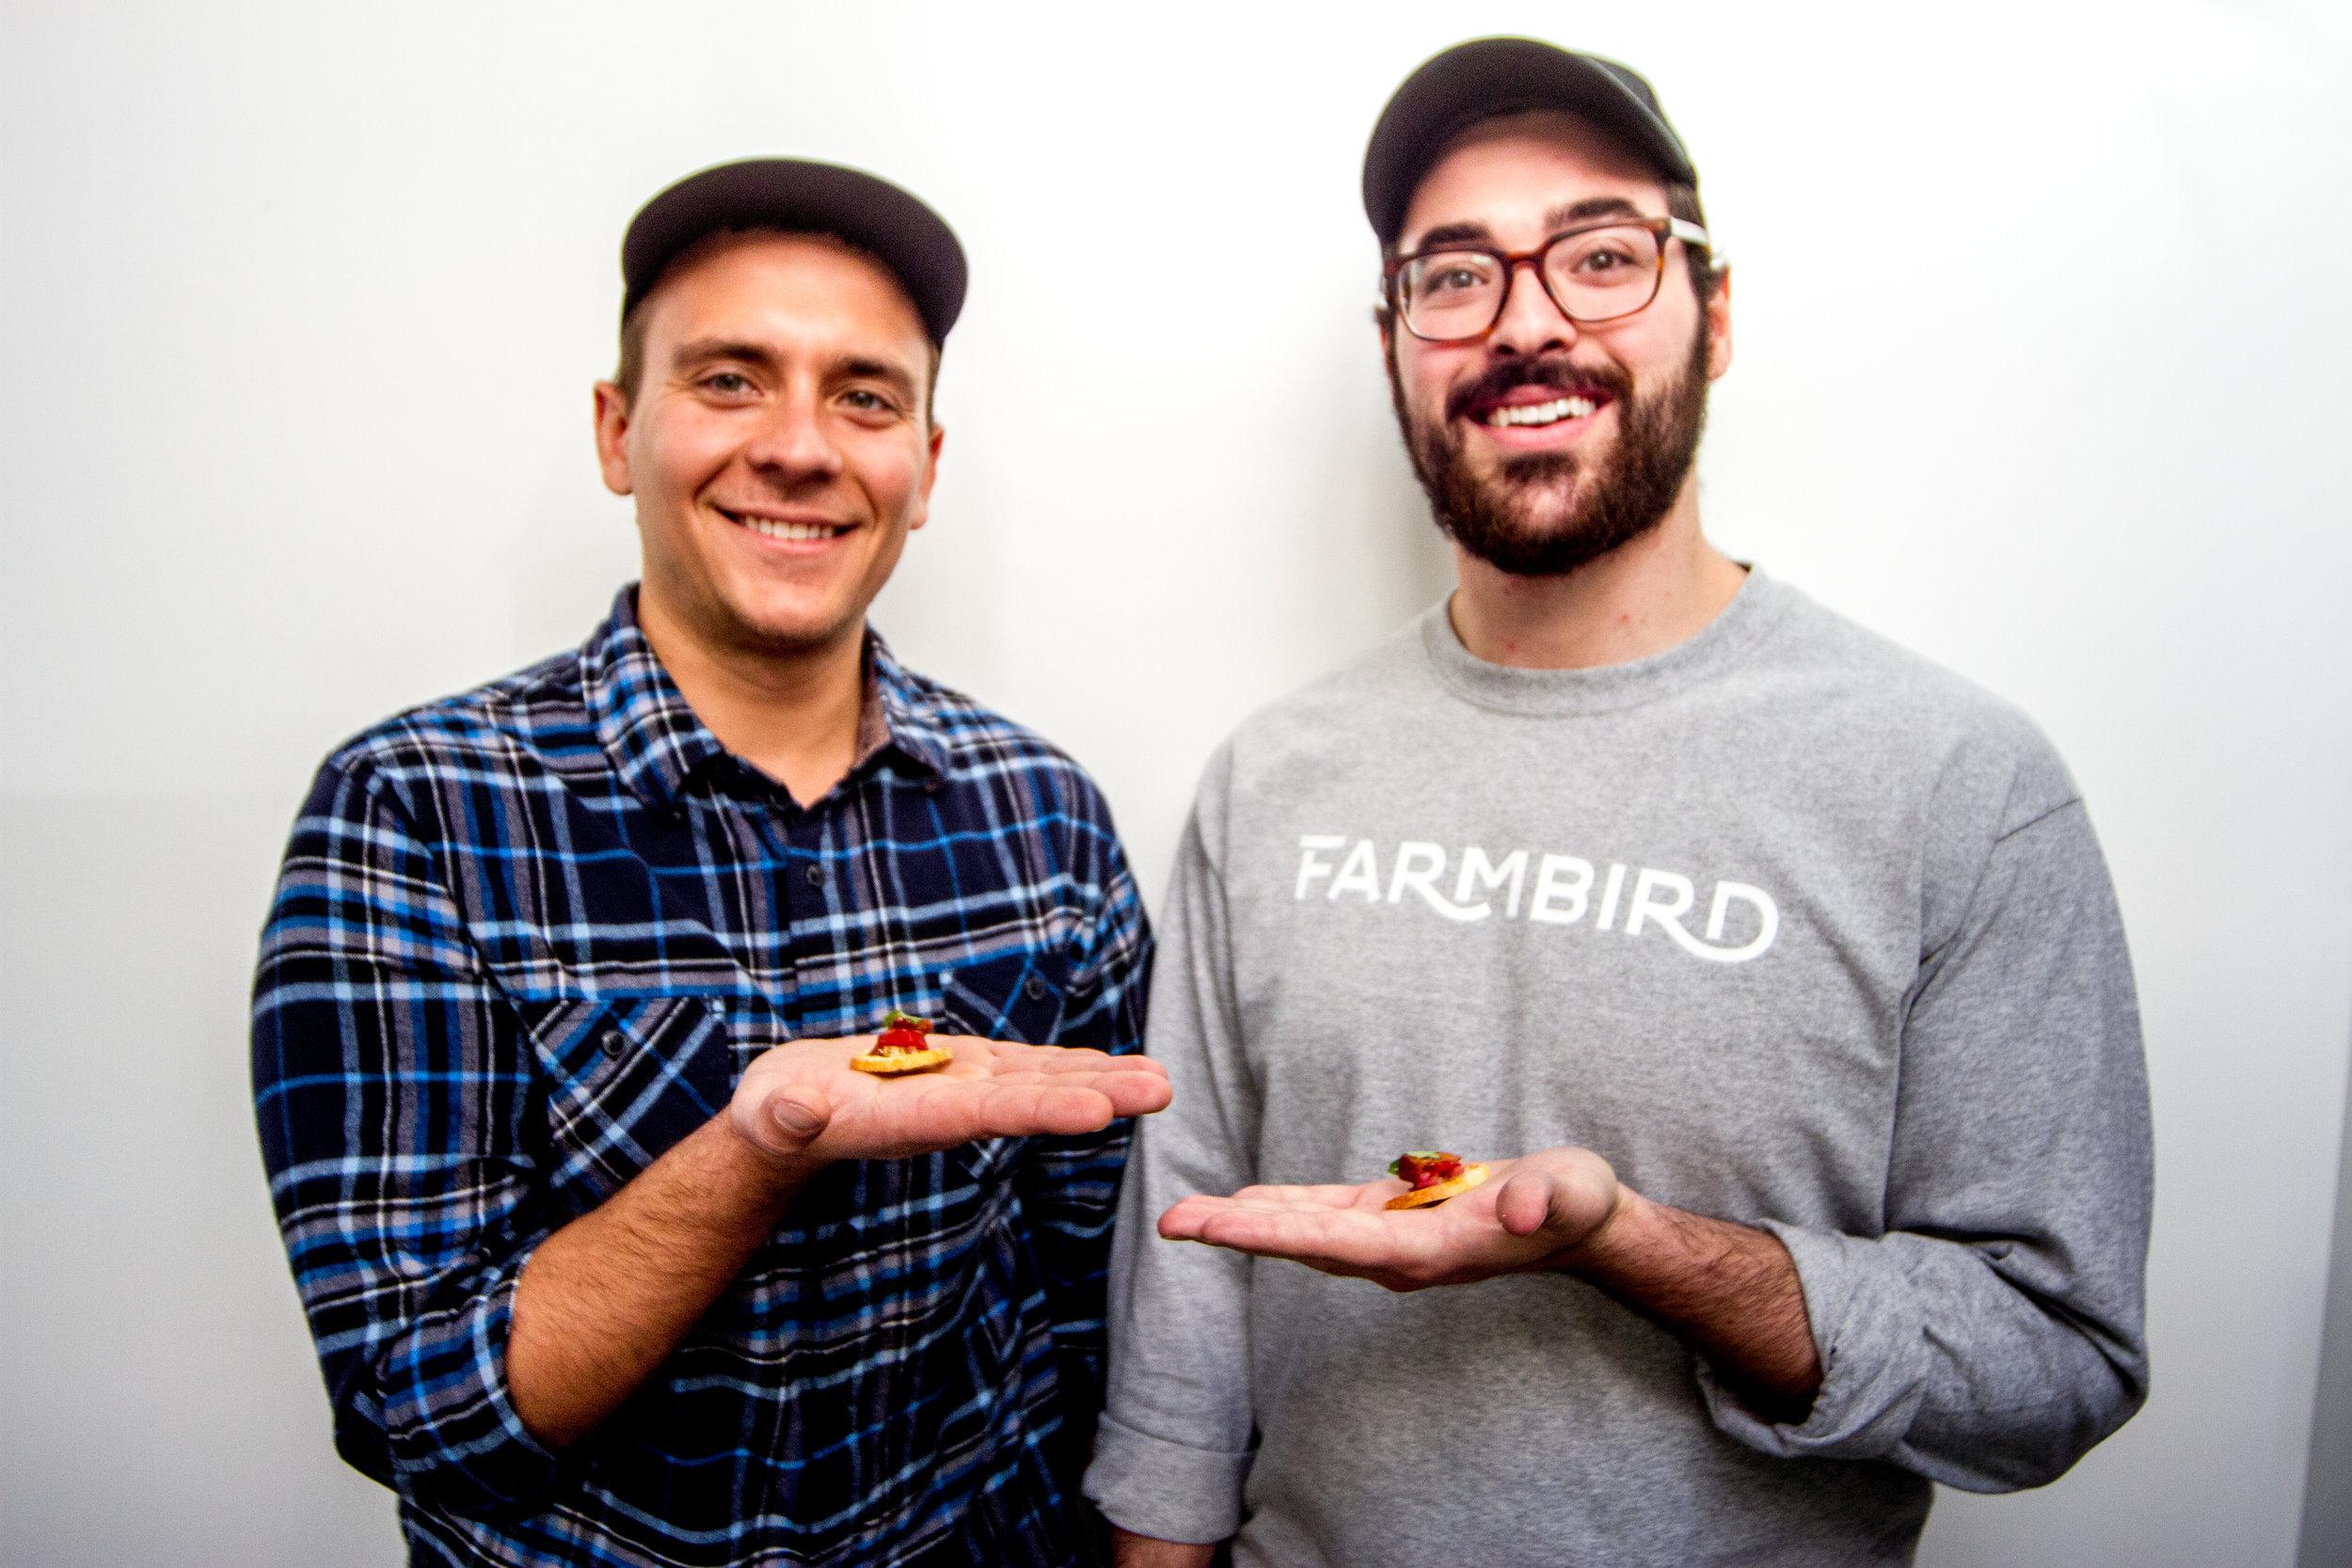 Andrew Harris, left, and Dan Koslow opened Farmbird in 2017. - Photos courtesy of Farmbird